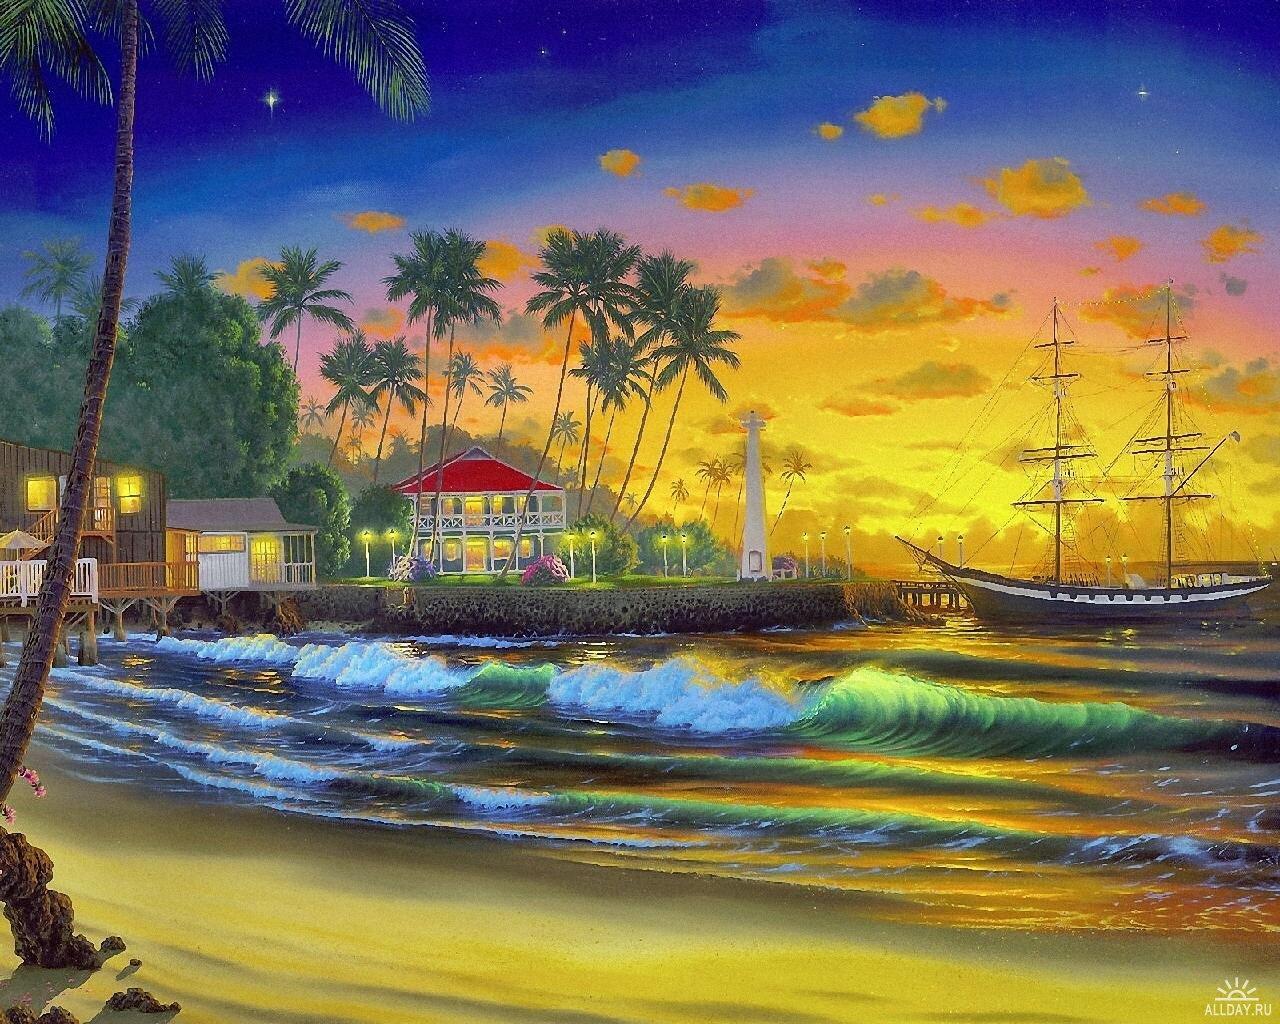 Il mondo di mary antony john al hougue paesaggi hawaiani for Quadri facili da dipingere